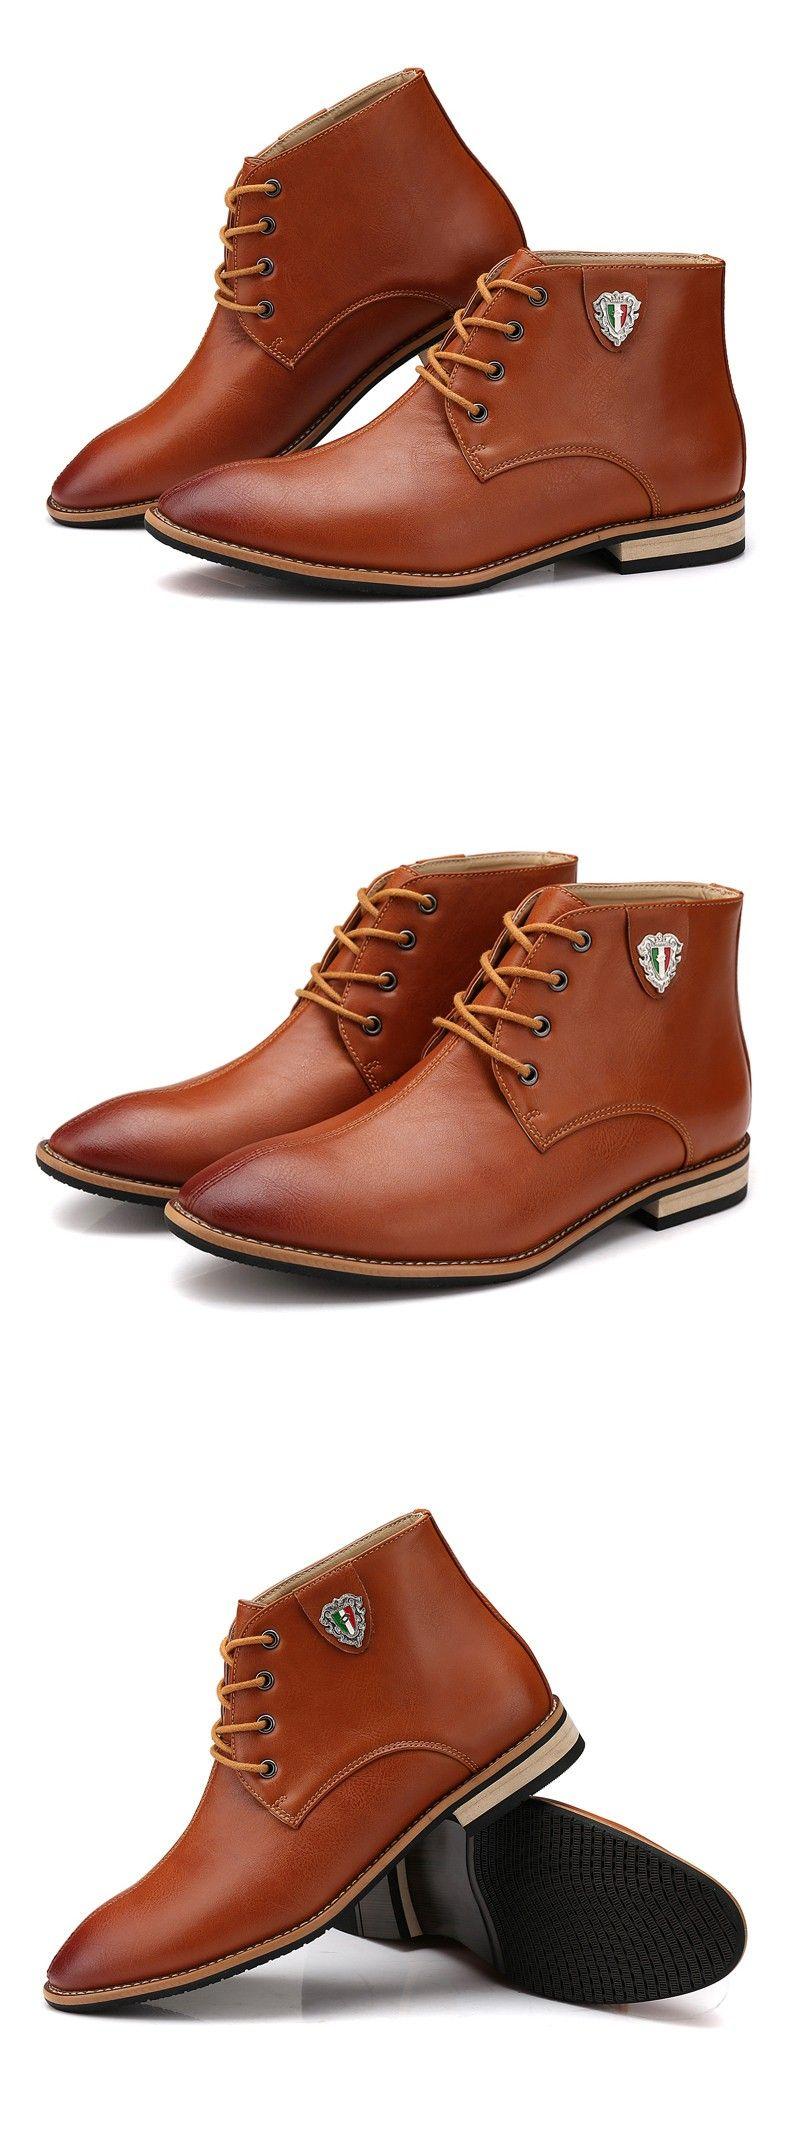 a119d28c4b Botas de cuero negro para Hombre zapatos de vestir marrones casuales botines  nuevo diseño moda otoño